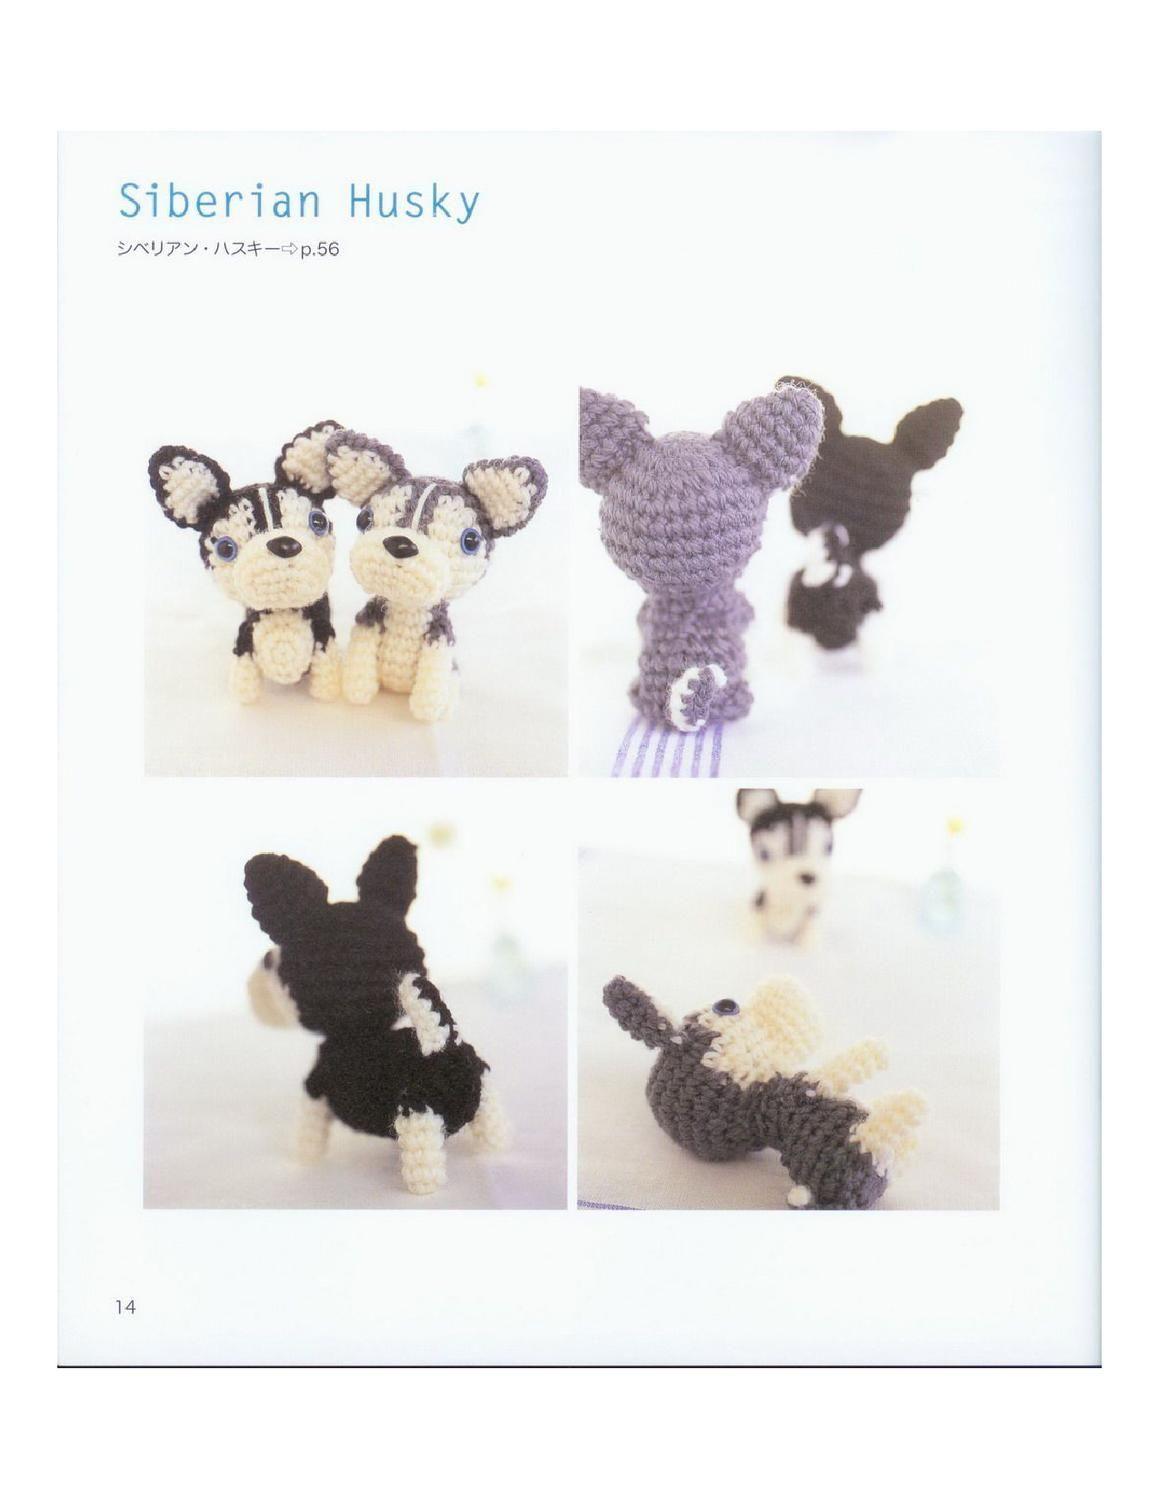 Patrón Crochet / Amigurumi Perritos Husky Shiba Inu and | Etsy | 1499x1159